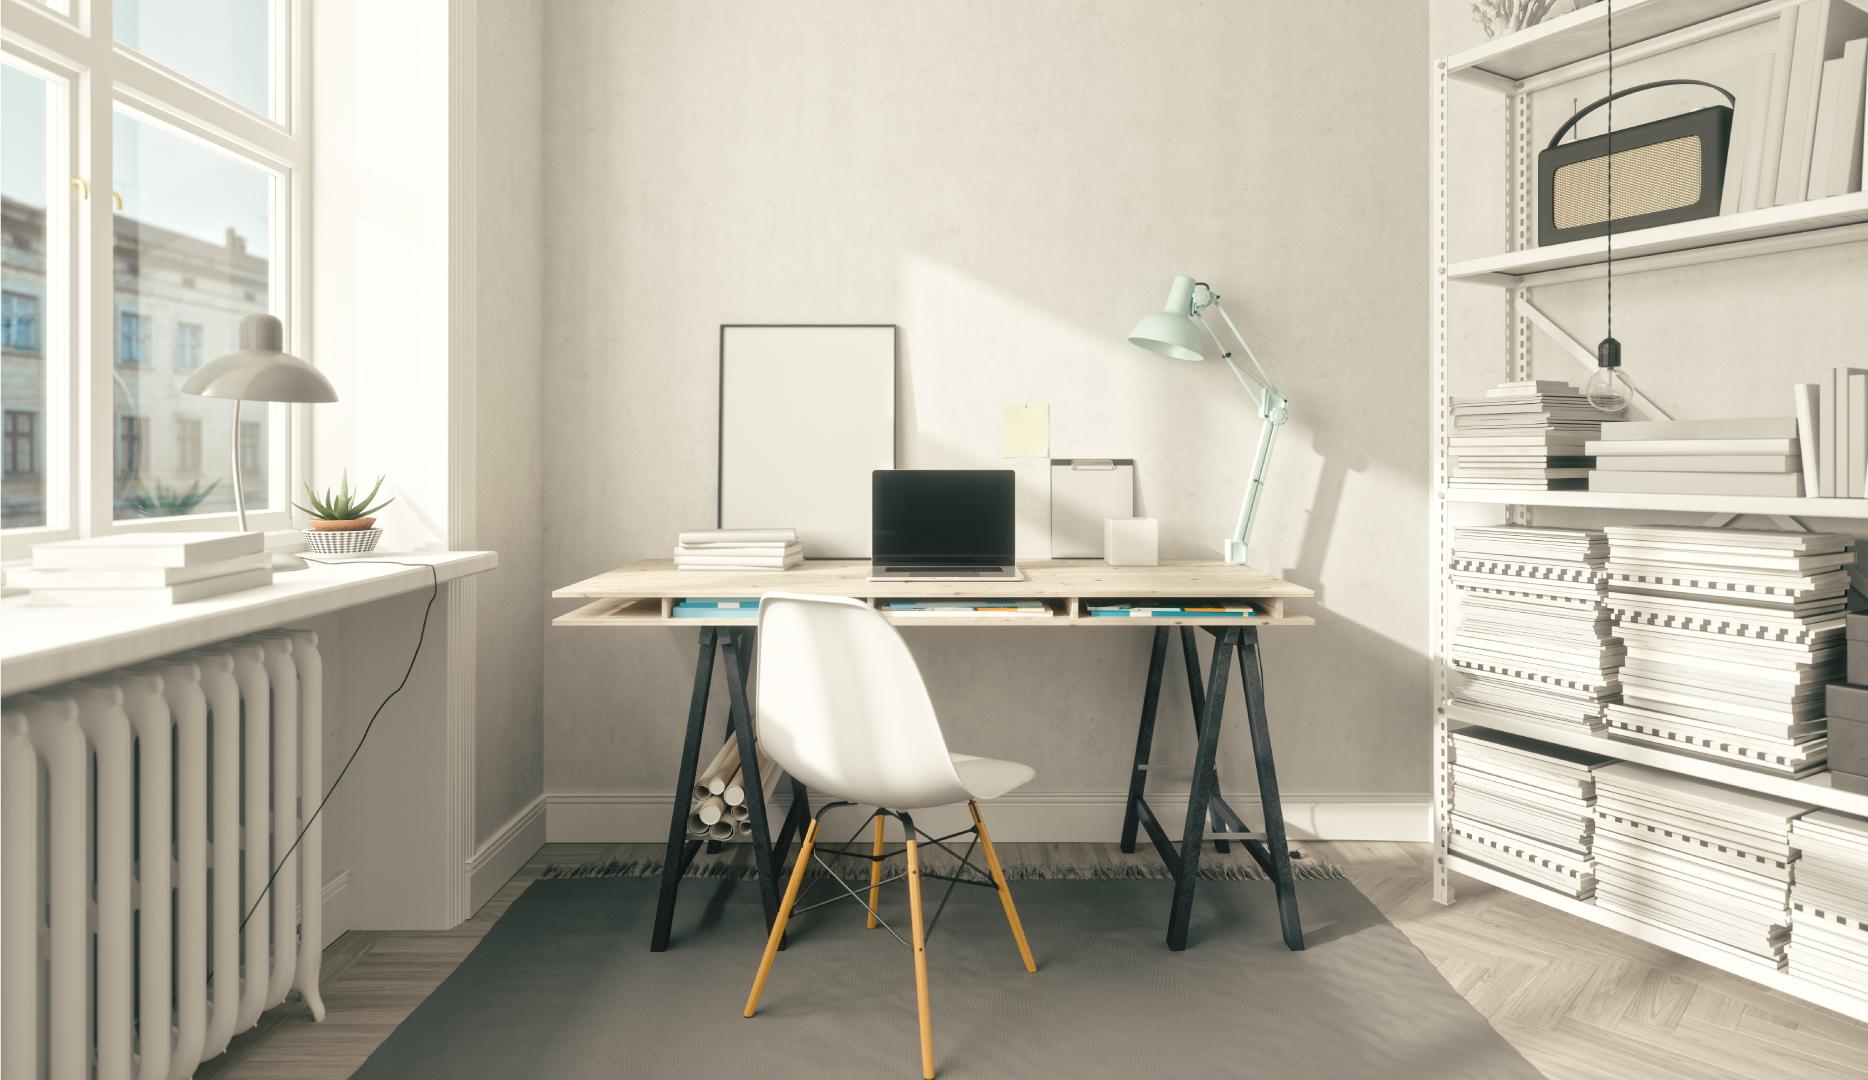 Les employés sont-ils prêts à travailler à distance?